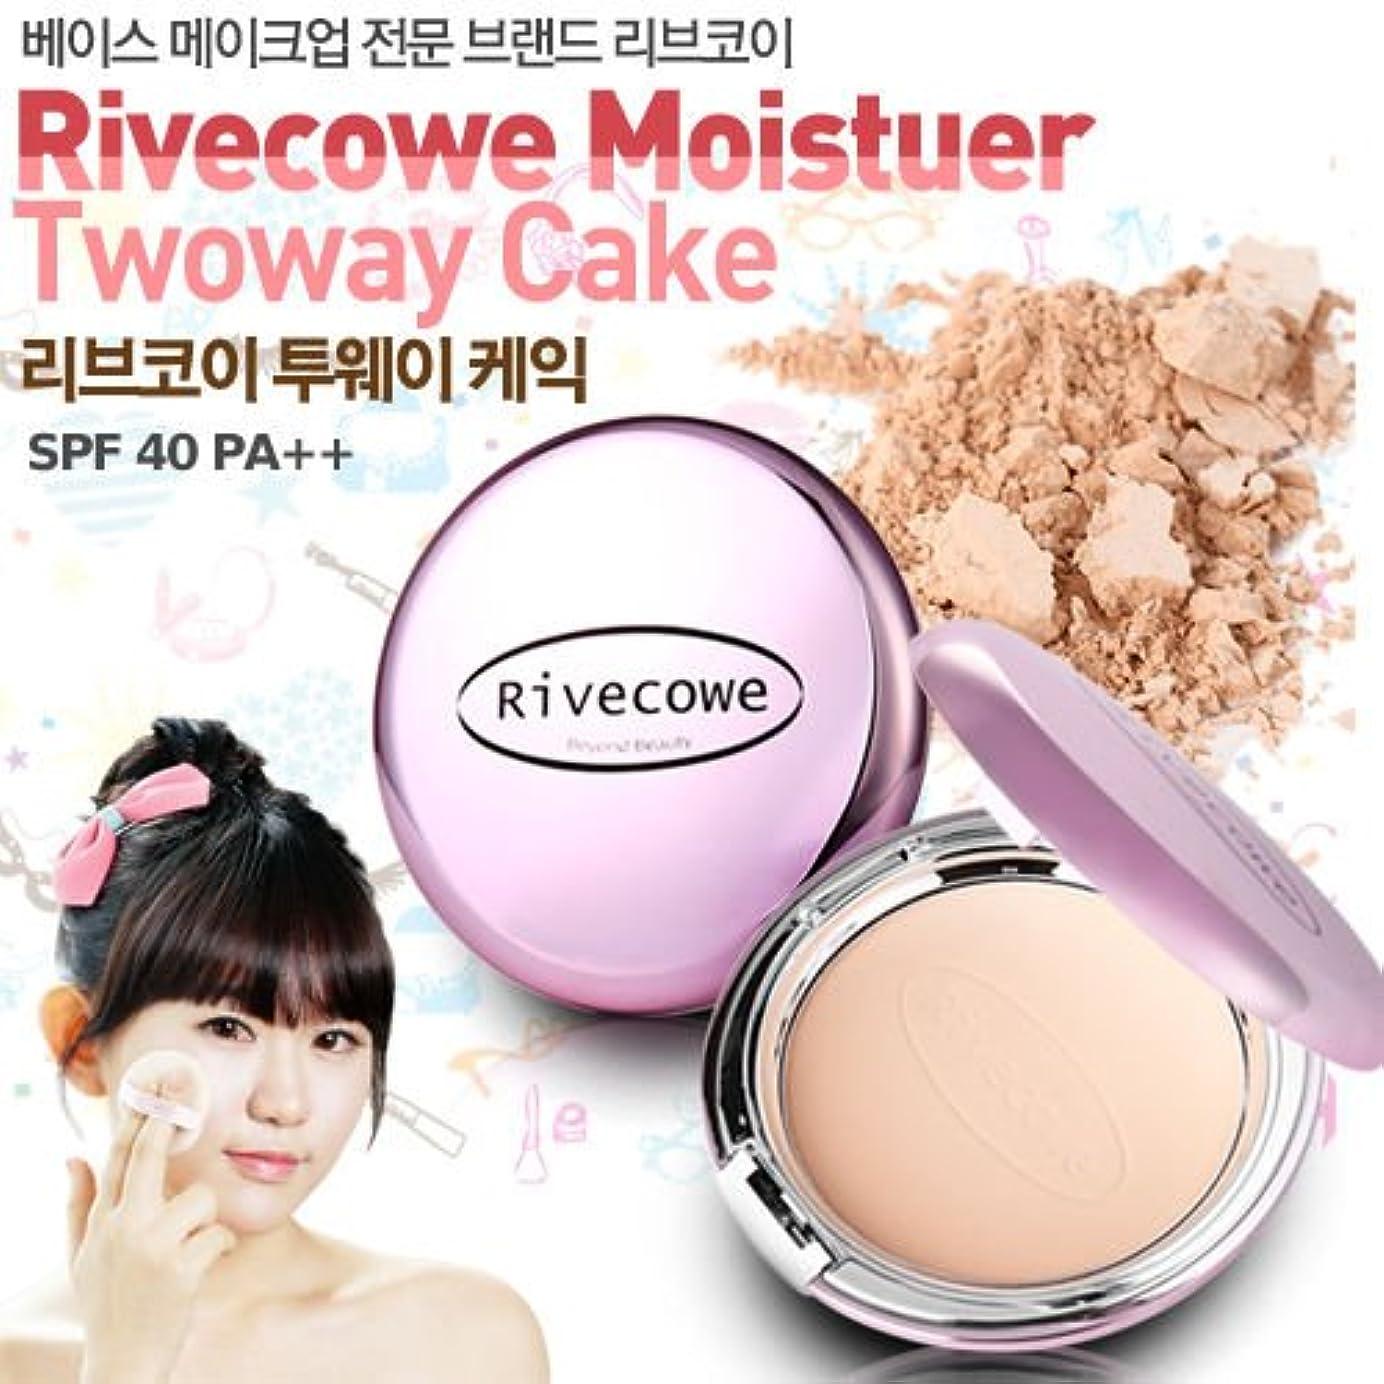 パスタ樹木静めるRivecowe Moisture Twoway Cake (Foundation + Powder) SPF40PA++ 12g (No. 21 Natural Beige) [並行輸入品]